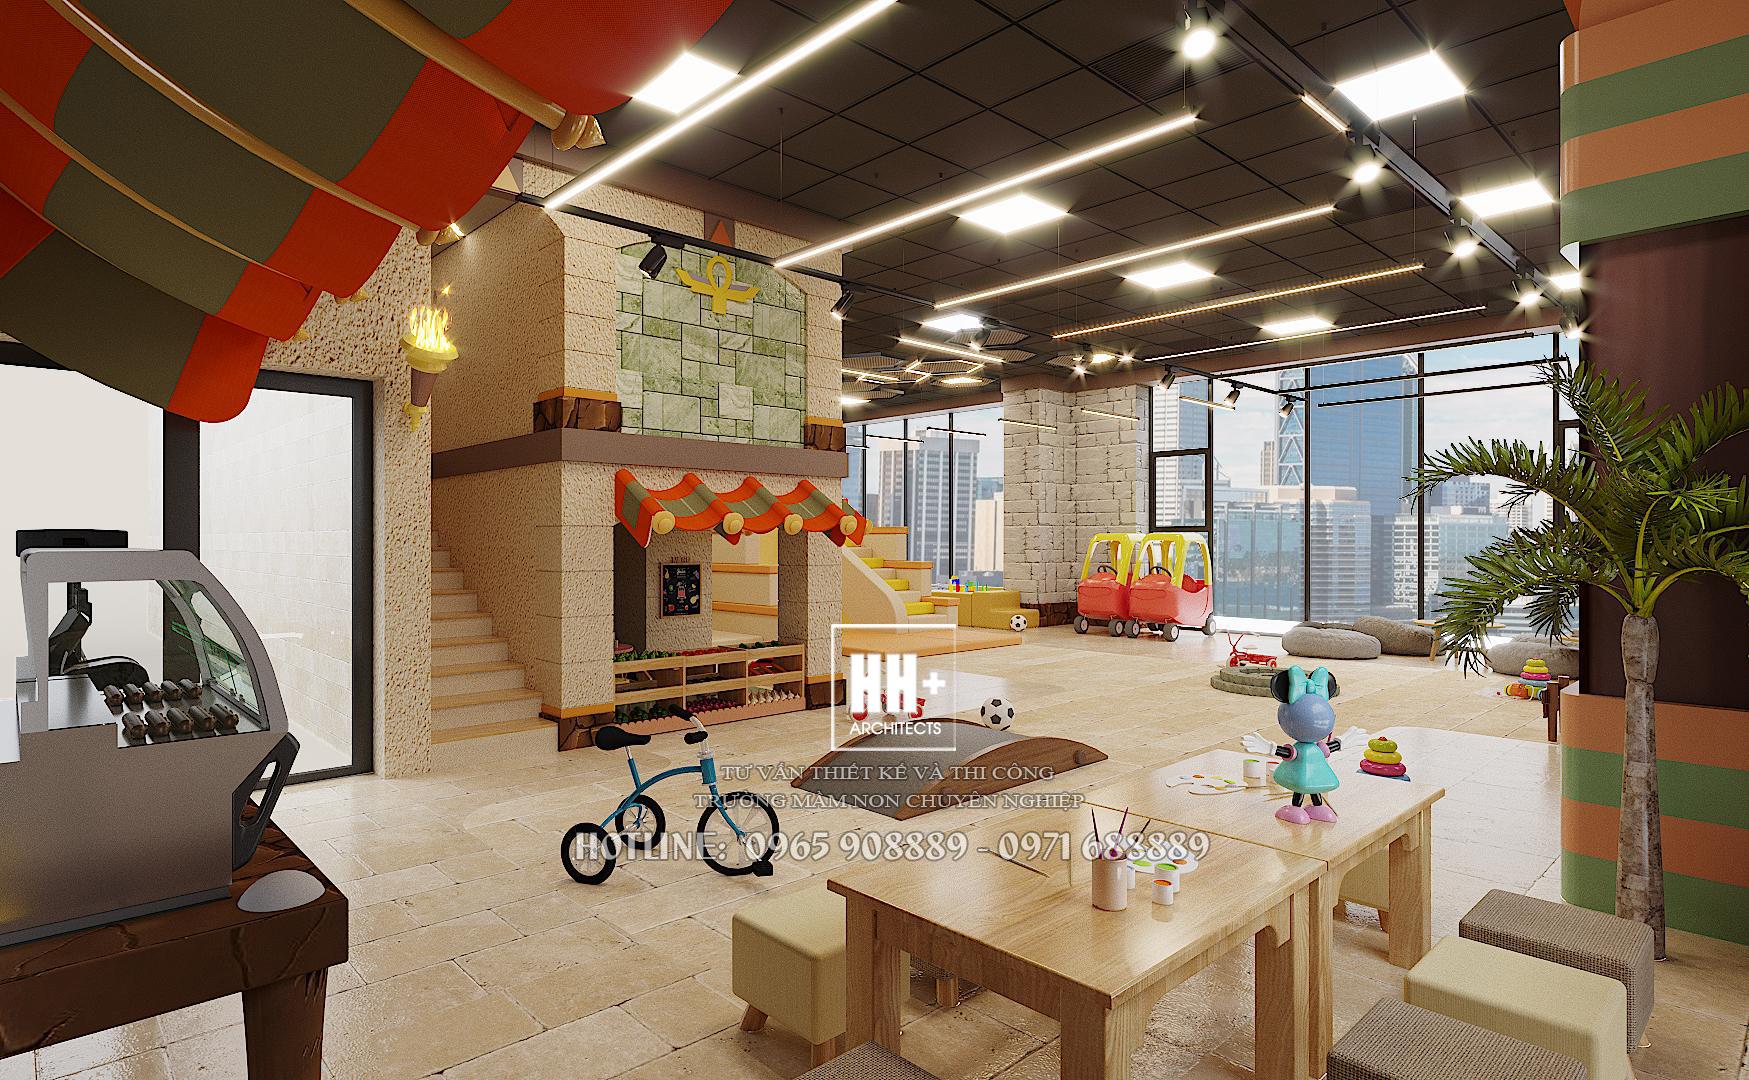 4 Thiết kế khu vui chơi trẻ em Thiết kế khu vui chơi trẻ em Hello World 4